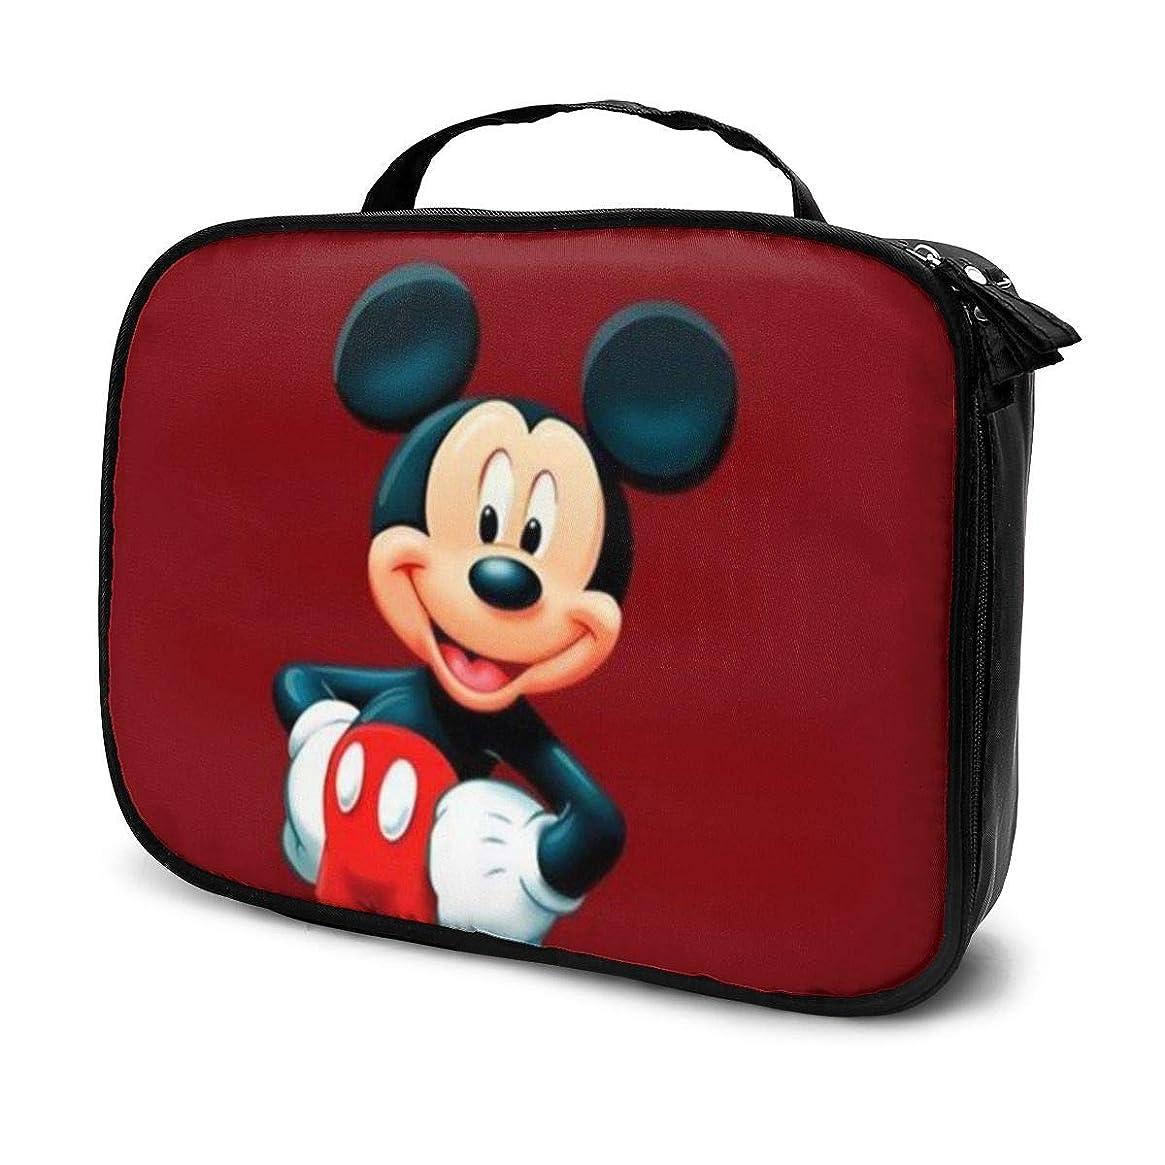 クッション対話孤児Daituかわいいミッキーマウス 化粧品袋の女性旅行バッグ収納大容量防水アクセサリー旅行